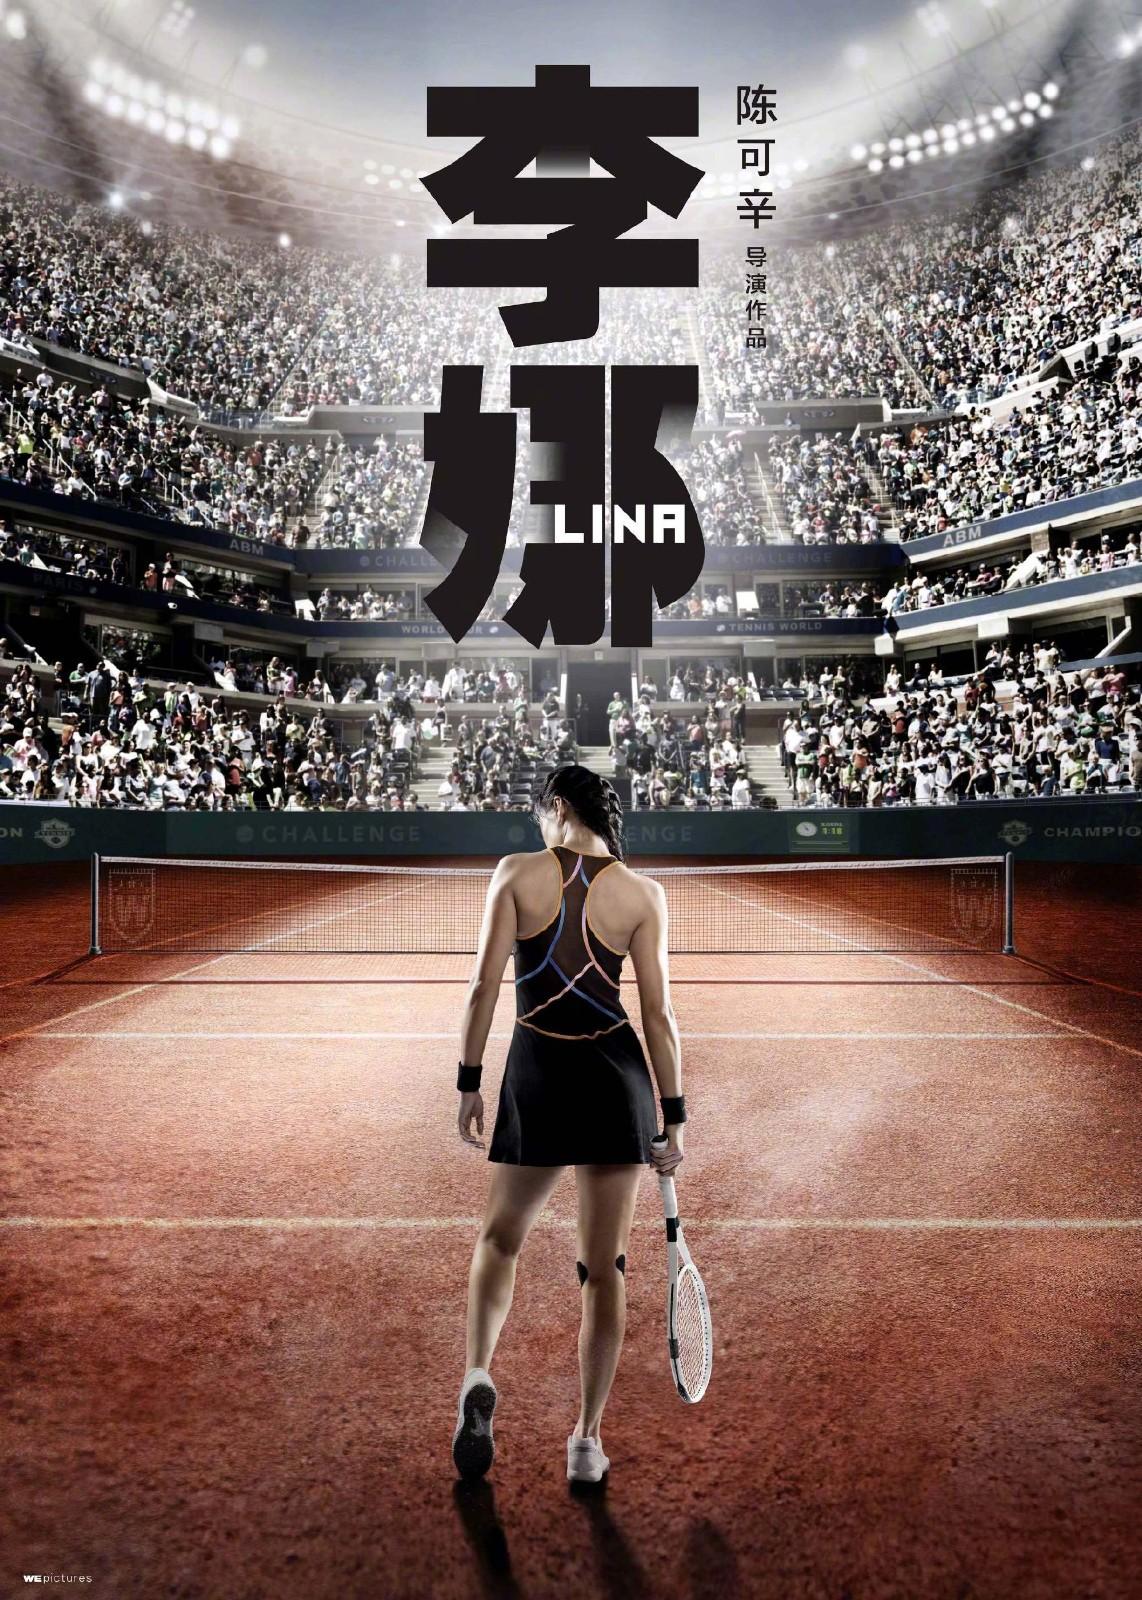 电影《李娜》由胡歌、郝蕾主演 成本¥3亿左右_图1-3